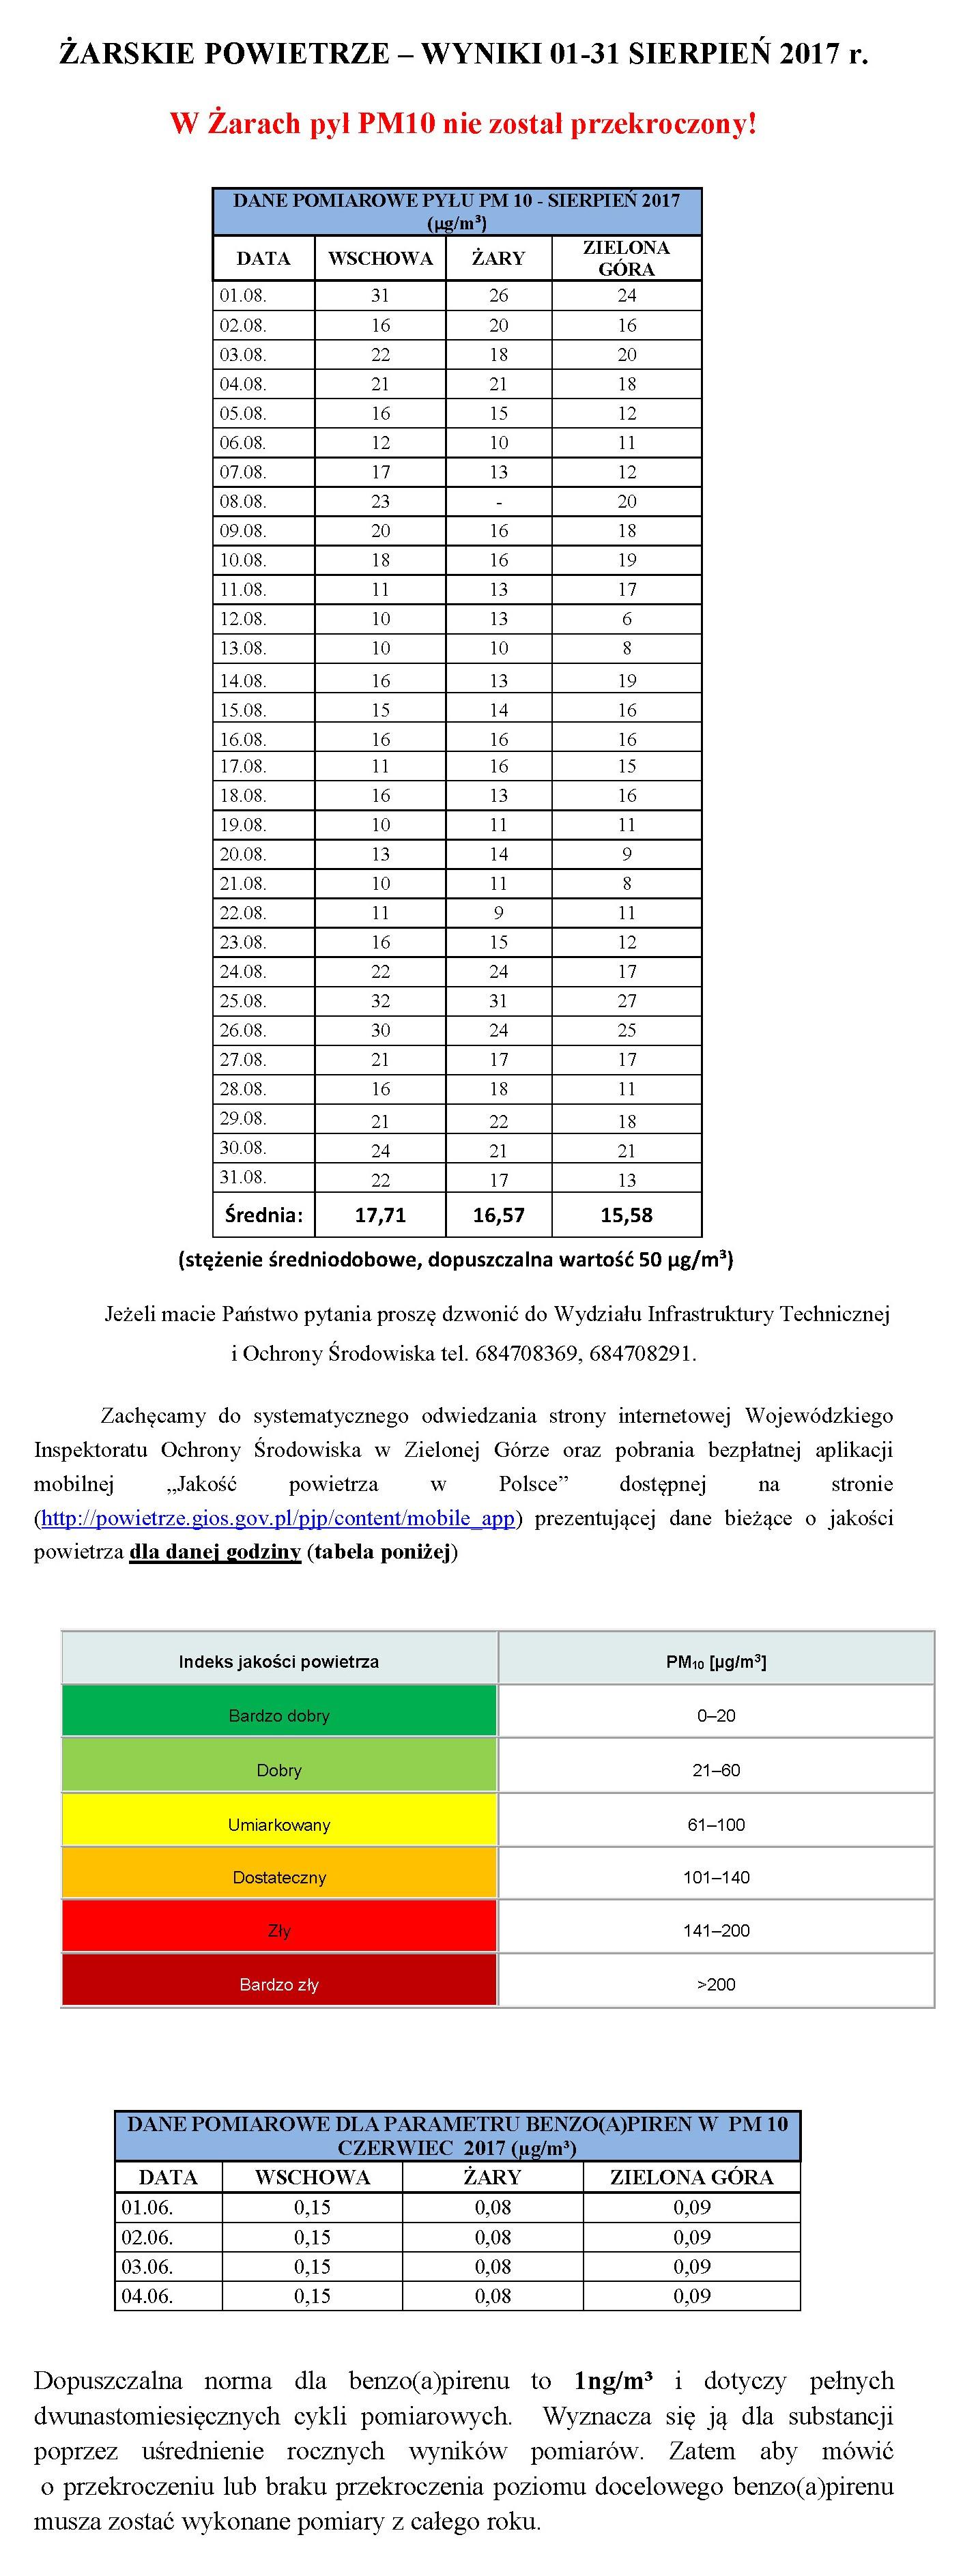 Ilustracja do informacji: ŻARSKIE POWIETRZE – WYNIKI 01-31 SIERPIEŃ 2017 r.